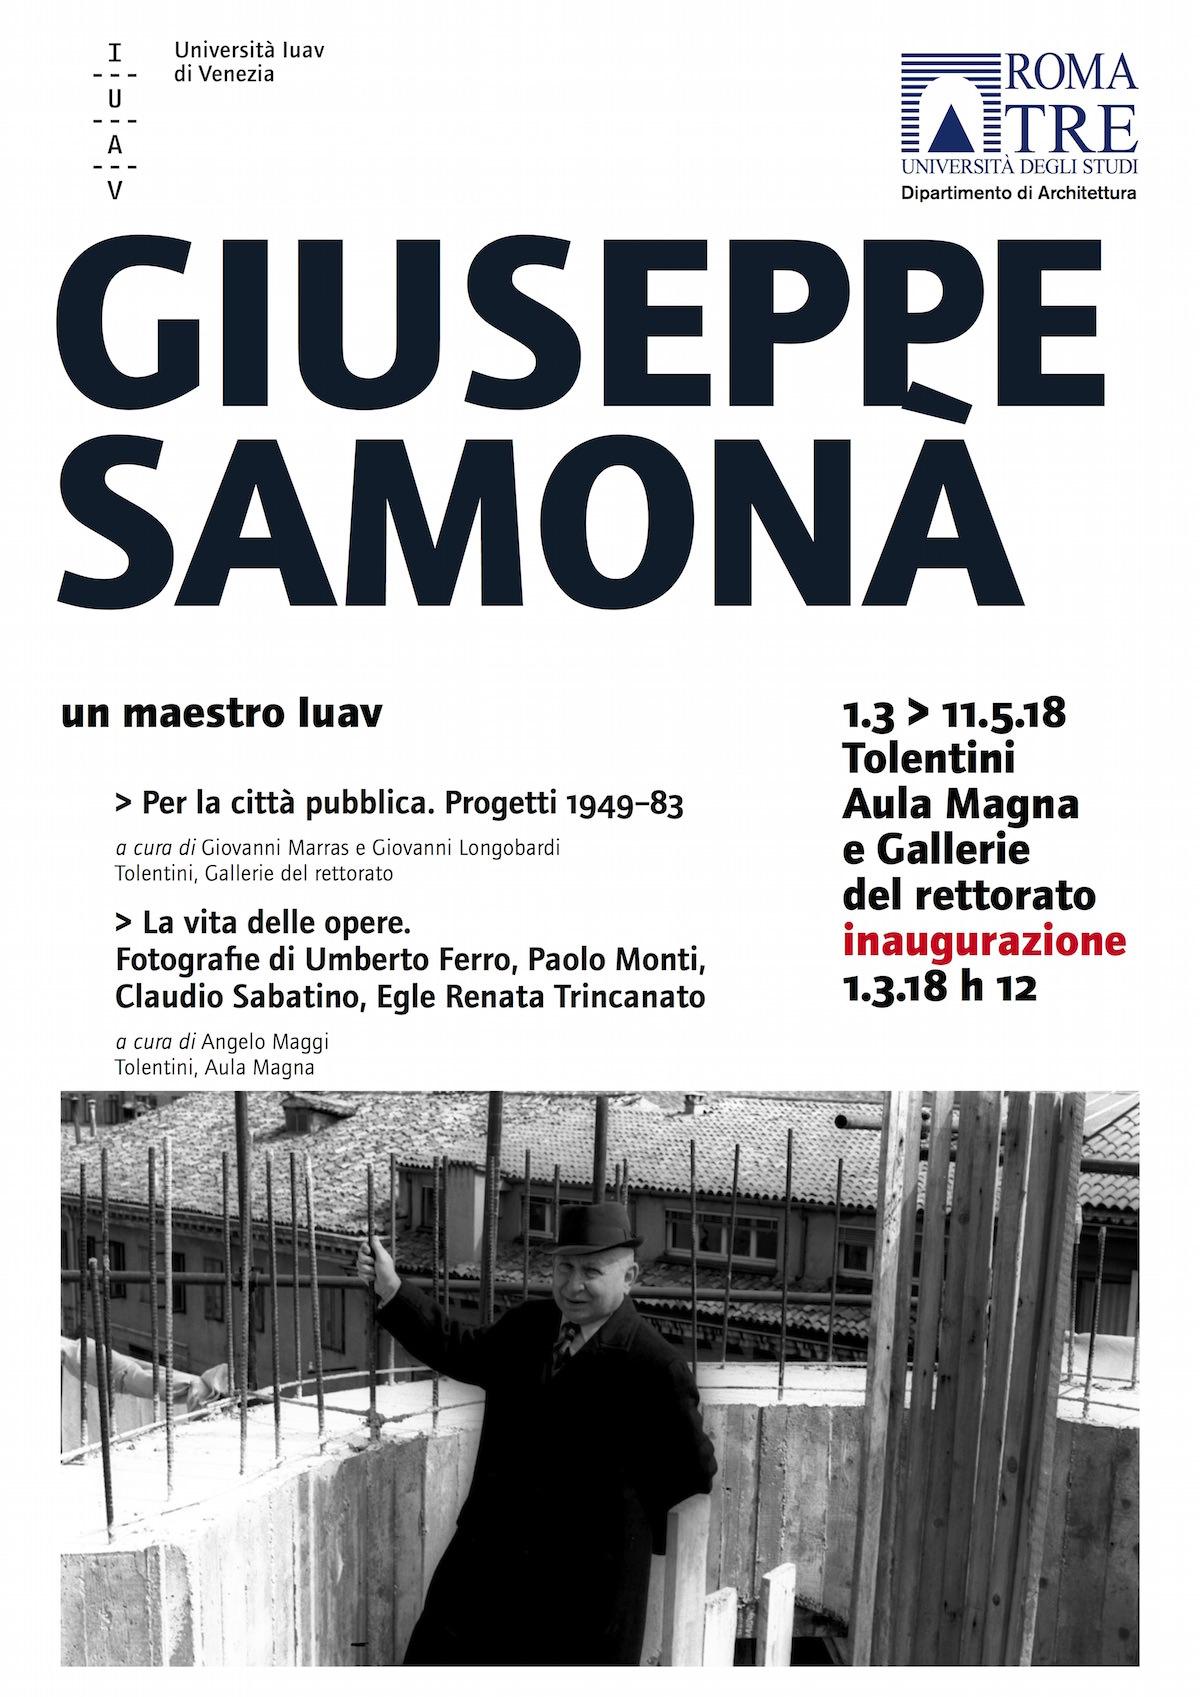 Samonà-IUAV